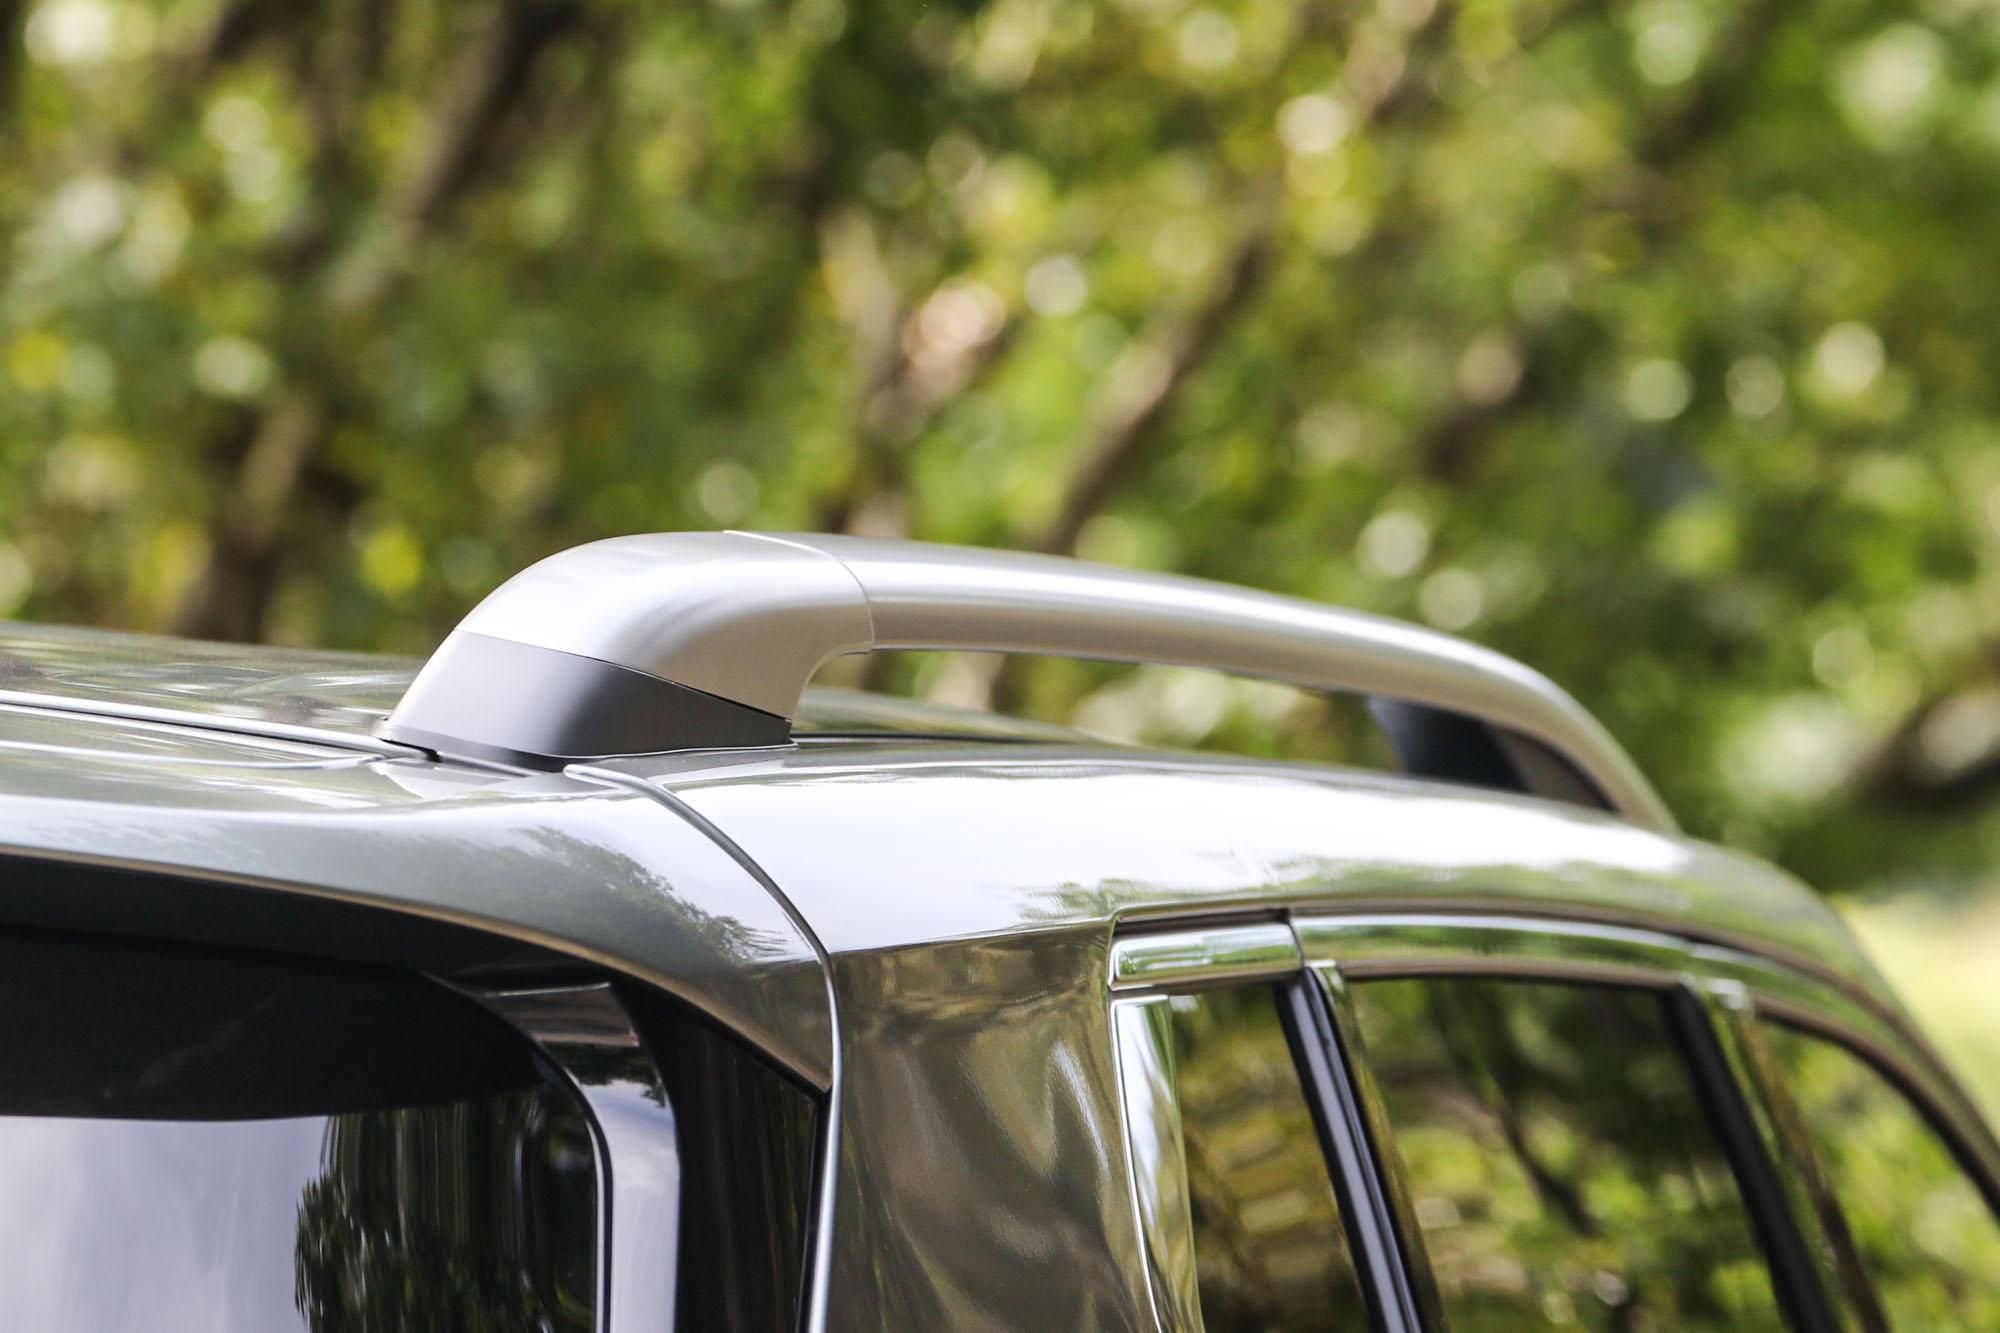 粗壯的車頂架,讓車頂加掛物品更為簡單與多元。